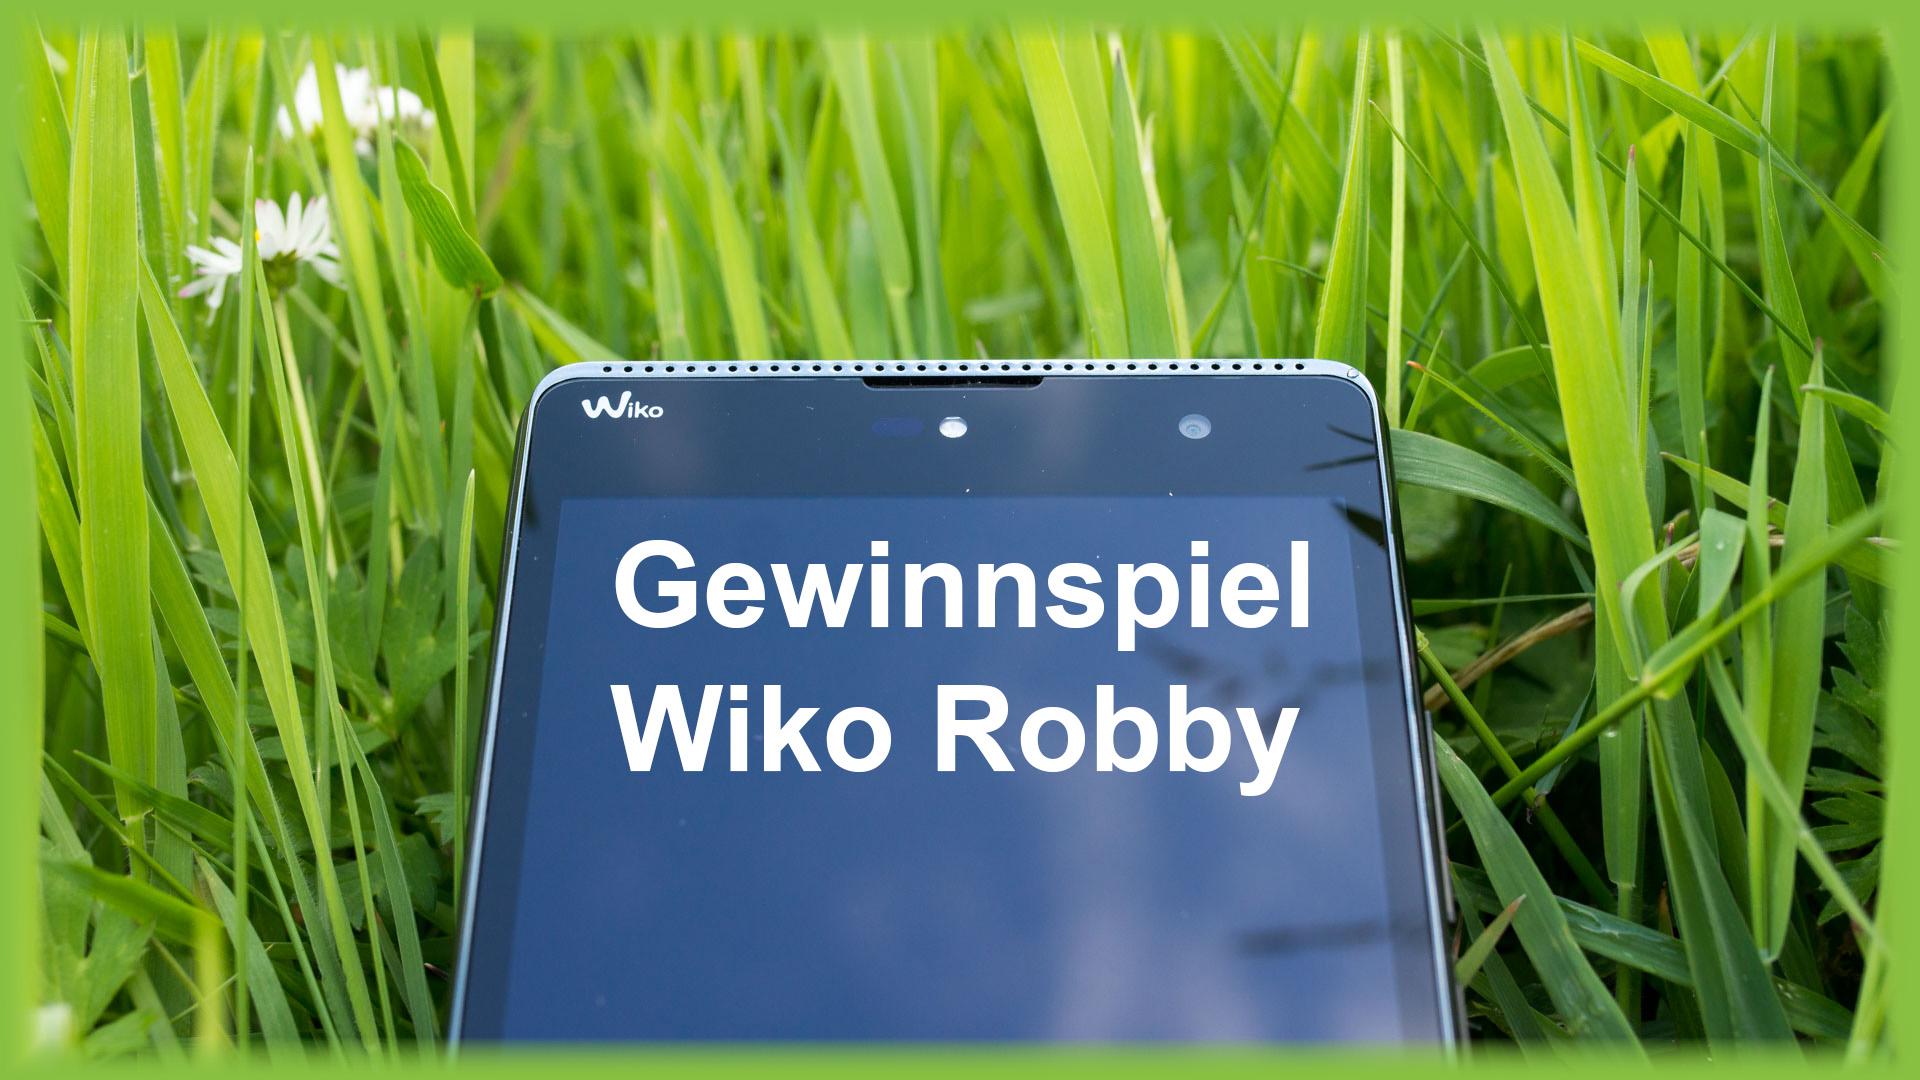 Gewinnspiel Wiko Robby Smartphone Techtest